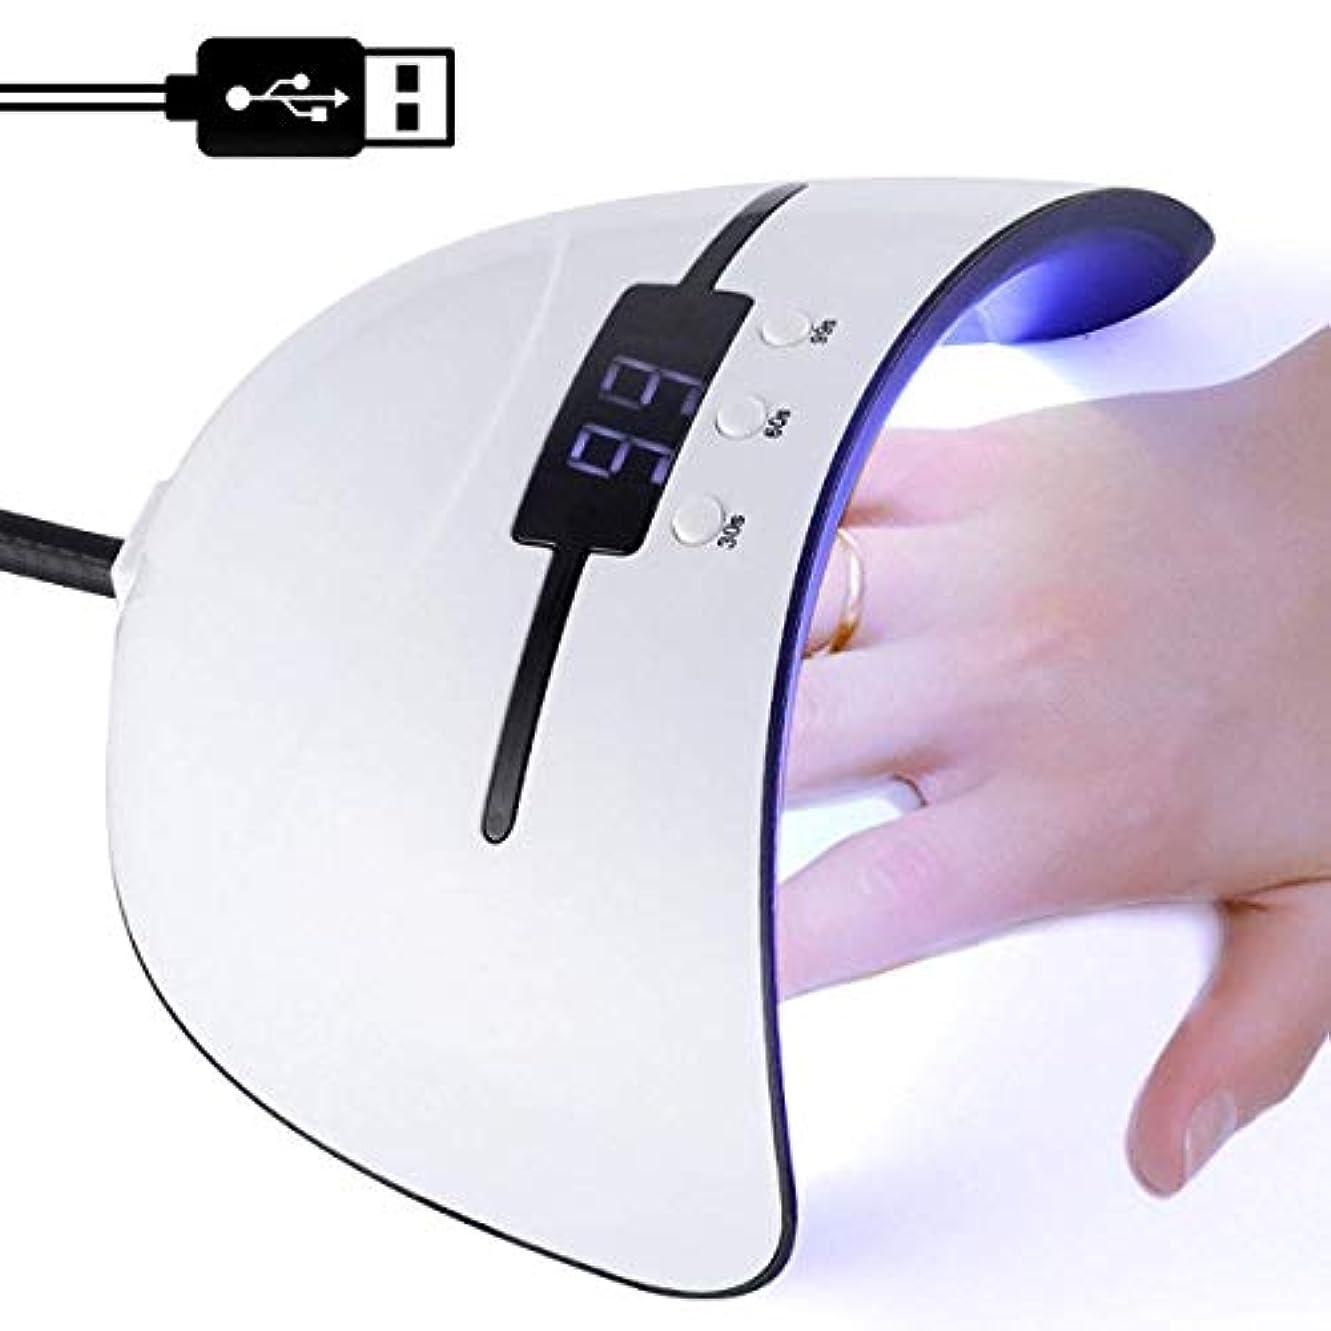 討論試用失われたネイルドライヤー 硬化用ライト 36w 美肌搭載 爪の薄い女性でも安心 液晶モニター センサーが感知 全ジェル対応 LED UV ネイルライト